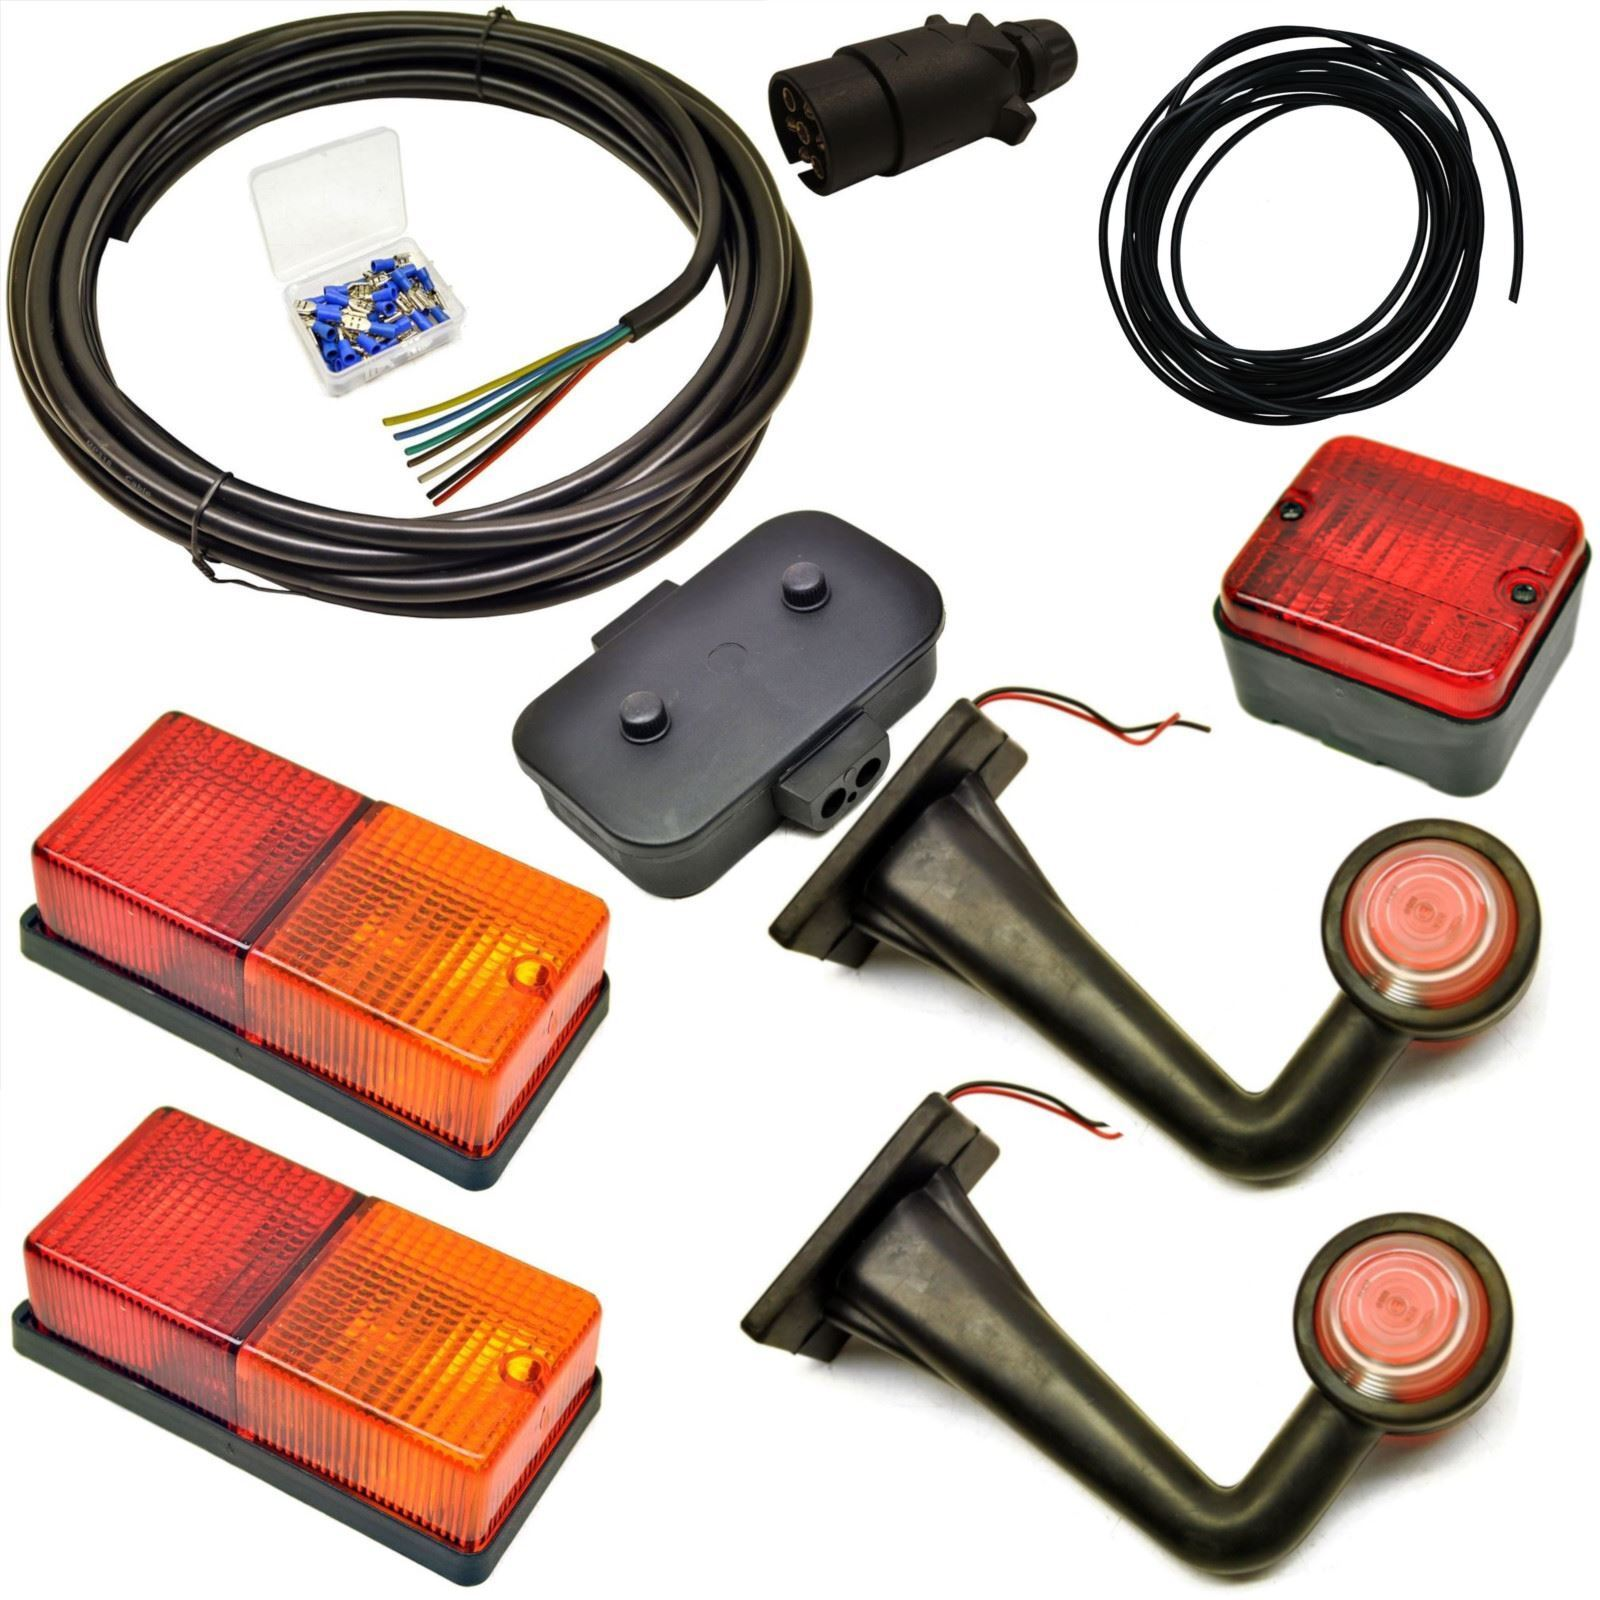 10m Kit de cableado de luz de remolque luces posteriores, delantera marcador lateral, Enchufe, Caja de empalme